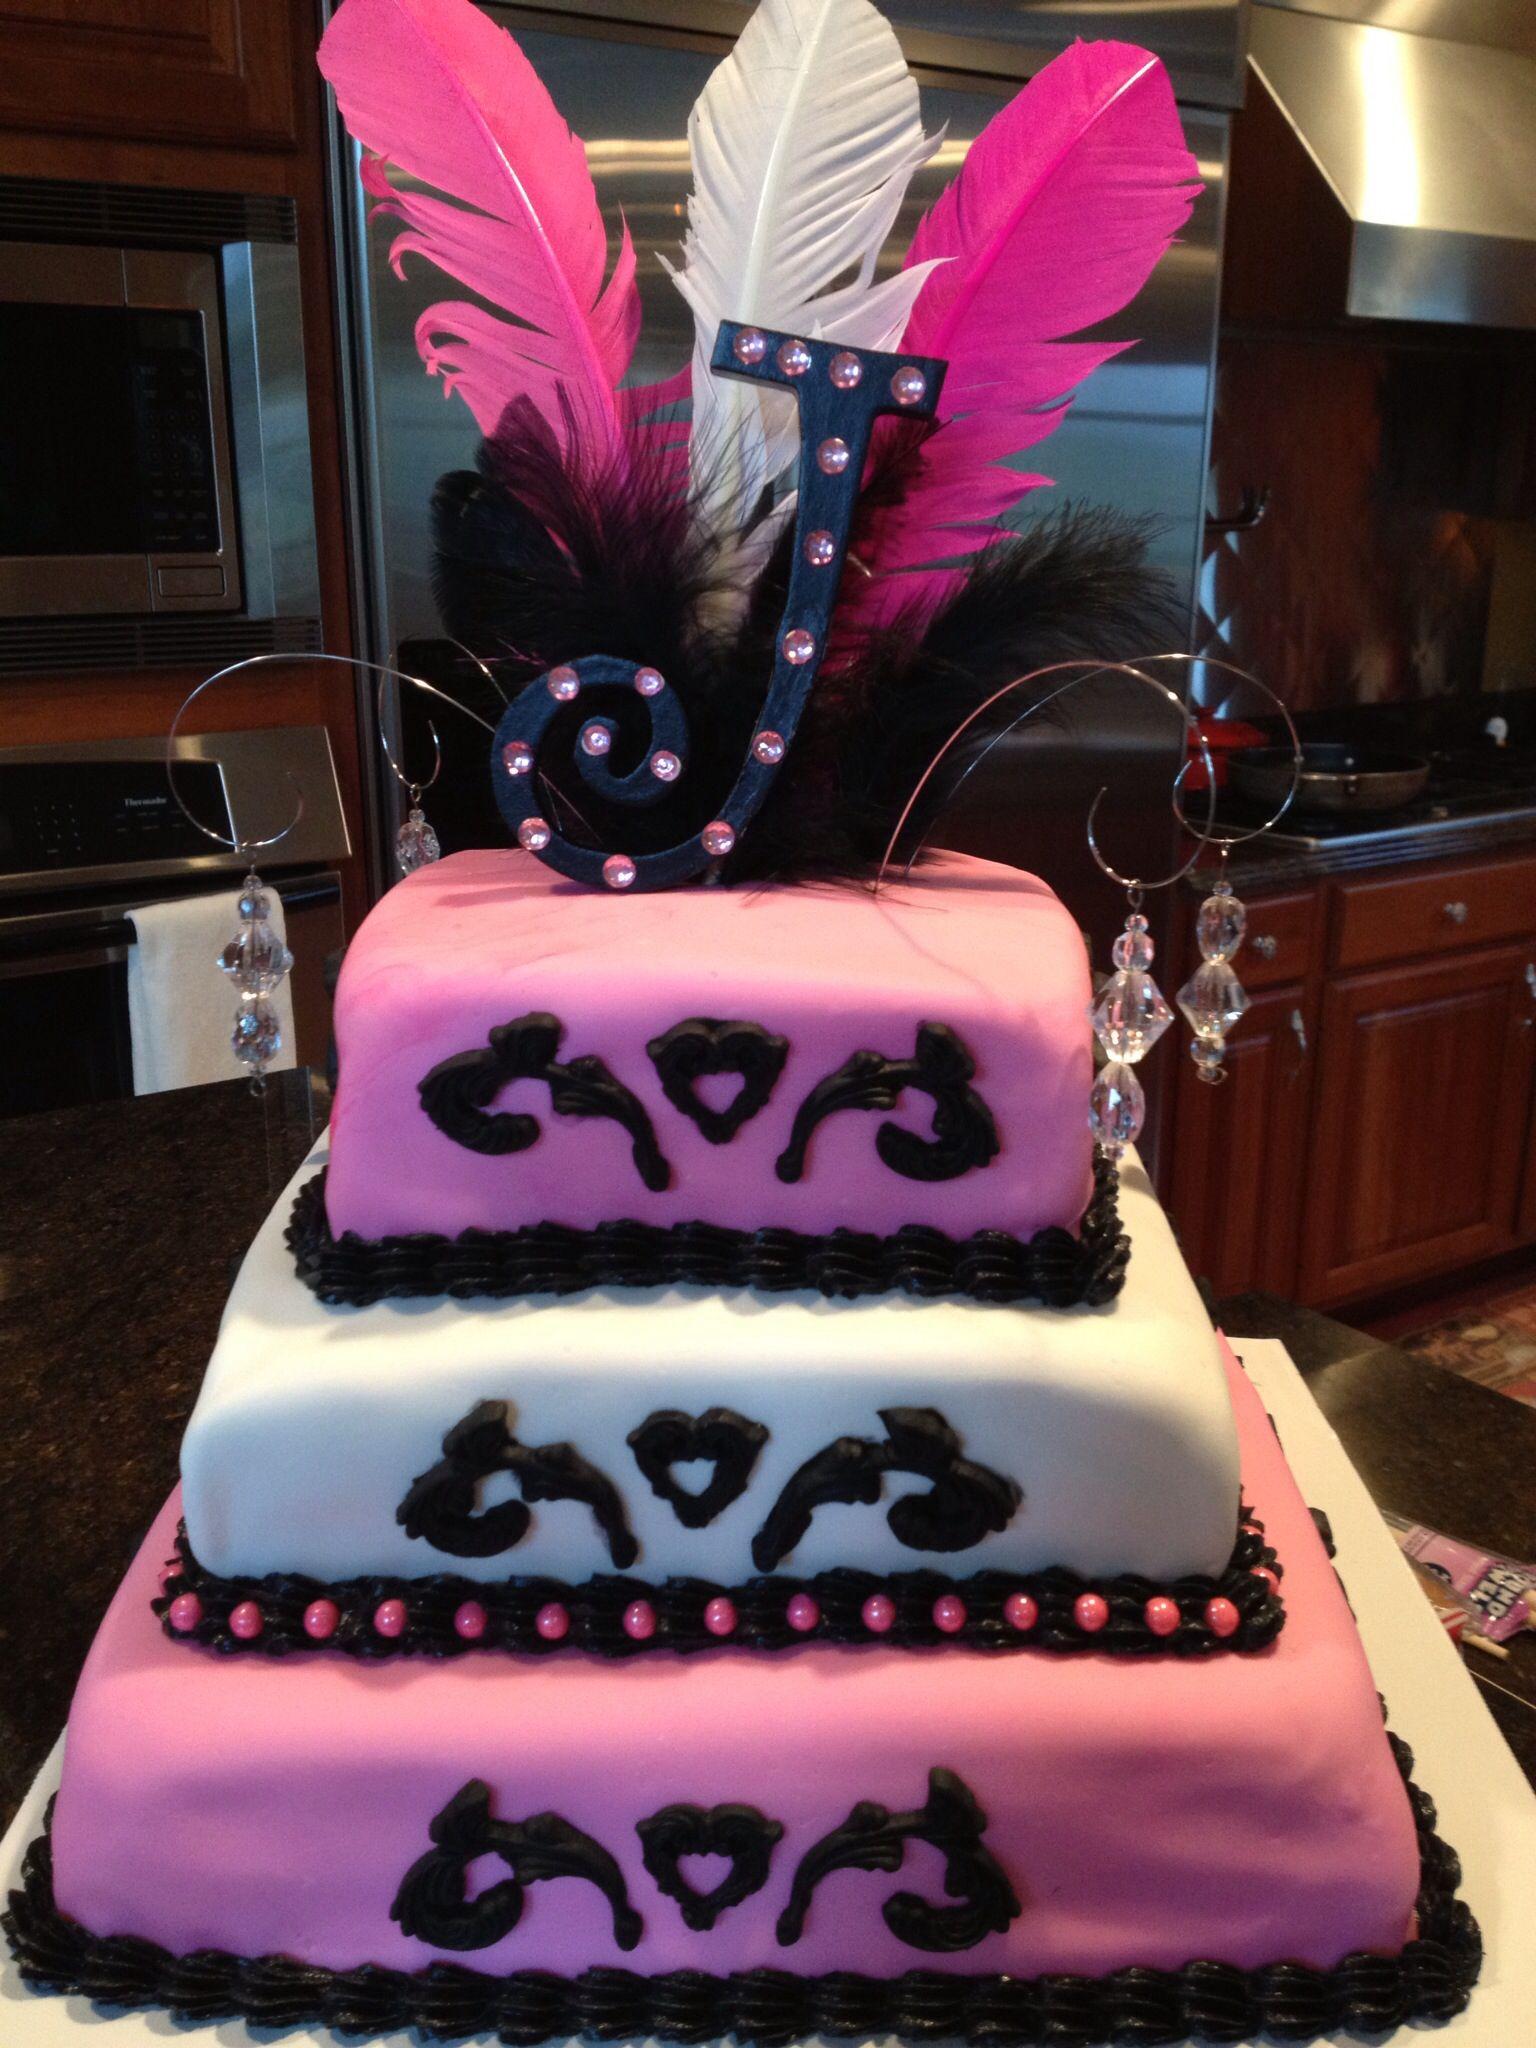 Jena's birthday jeweled cake | Jewel cake, Cake, Birthday cake